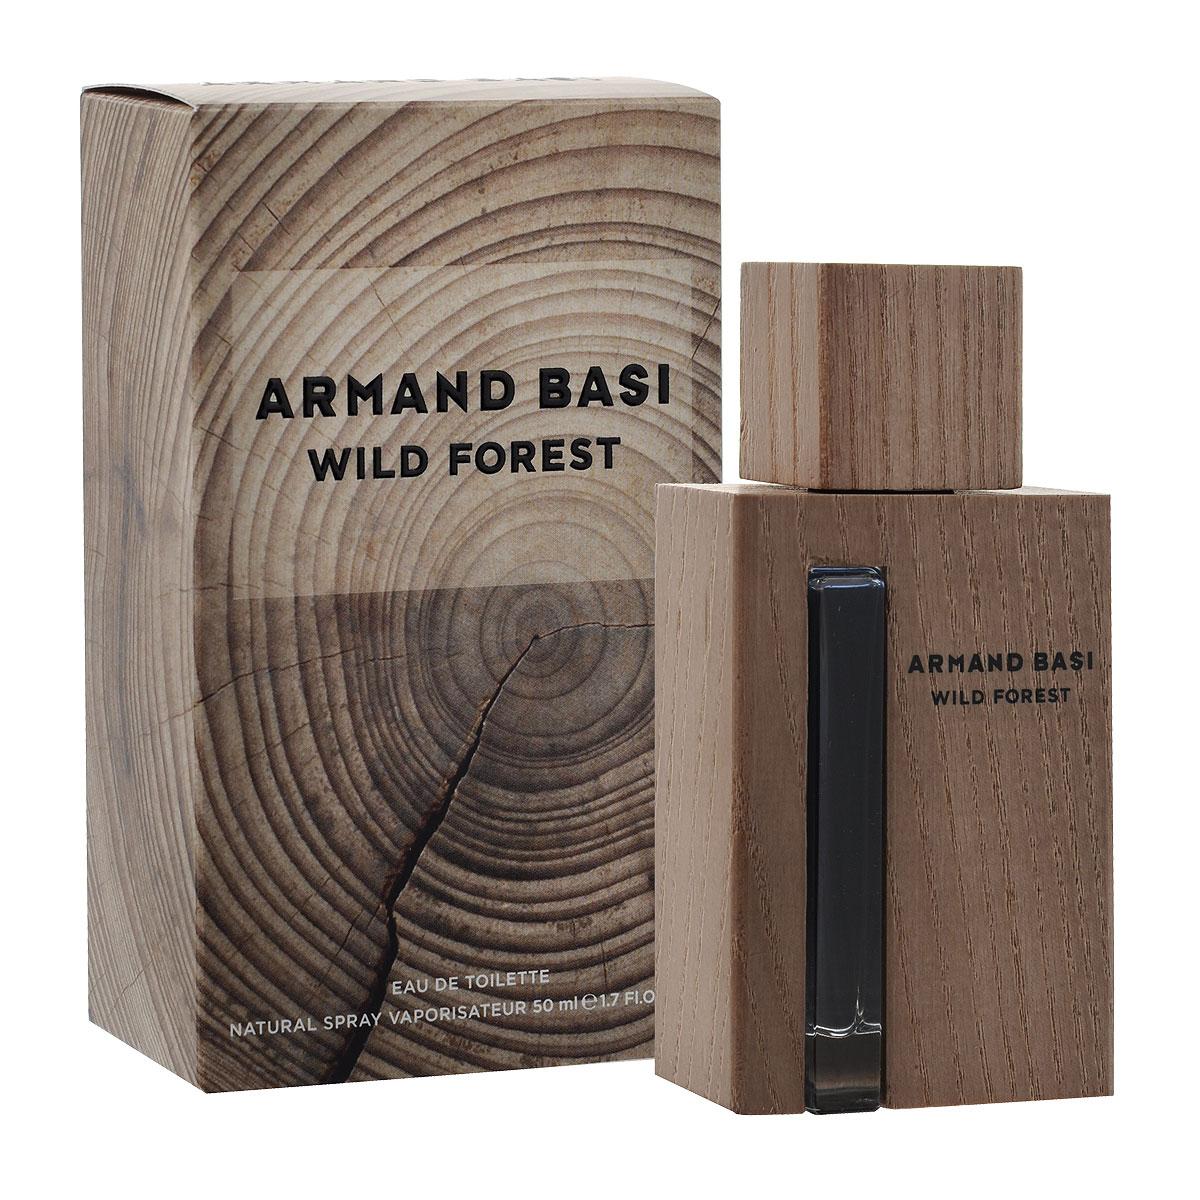 Armand Basi Туалетная вода Wild Forest, мужская, 50 мл48574Wild Forest - новый мужской аромат от Armand Basi, созданный благодаря вдохновению от самого благородного элемента: дерева. Природа прекрасна и непредсказуема. Она несет в себе жизнь. И дерево лучшее доказательство этого ее качества. Мужчина Armand Basi обладает естественной элегантностью, которая проявляется через его отношения с природой. Он прекрасно знает, что все природное безупречно по определению и видит воплощение этой природной, натуральной и несовершенной красоты в дереве. В мире стрессов Wild Forest - его островок, место, где мужчина может обрести себя и освободить свою настоящую, дикую сторону личности. Это может быть лес, это может быть комната, но в первую очередь это место находится в его сознании. Личный теплый, персональный оазис. Неправильная форма дерева, рисунок его внутренних колец, проявляющийся с годами, цвет, вызванный воздействием света, текстура, меняющаяся под воздействием климатических условий, трещины на его поверхности, - все это вместе...